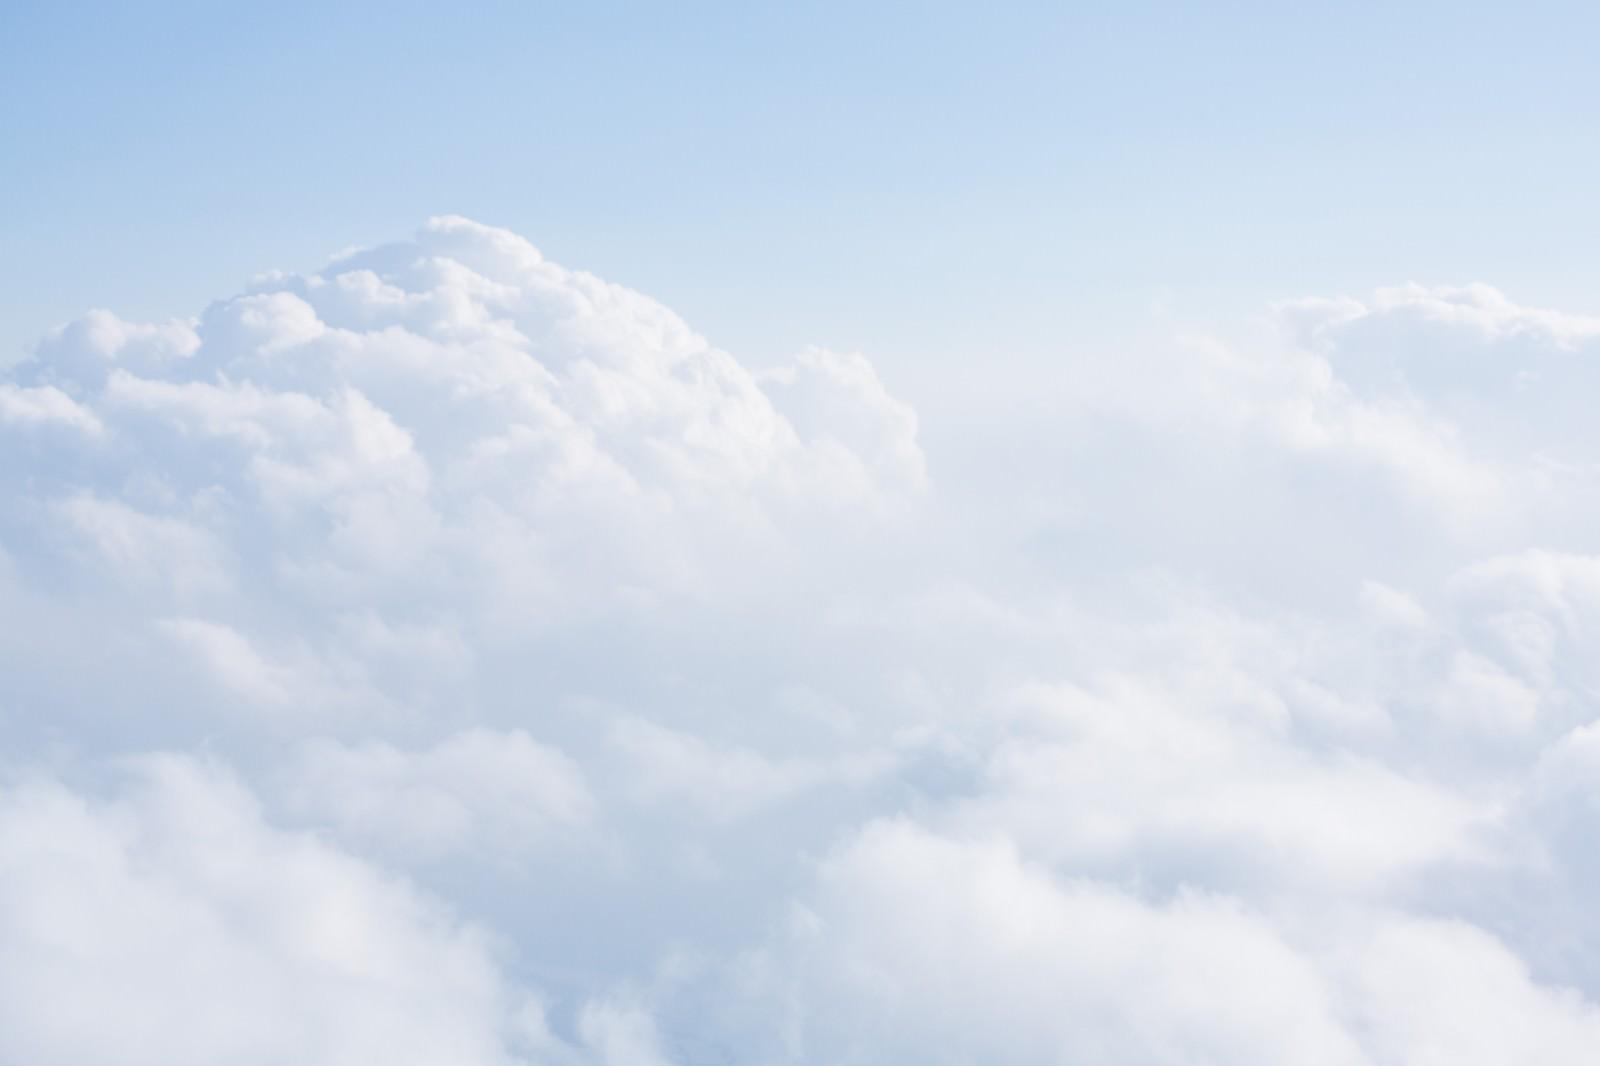 「雲の様子雲の様子」のフリー写真素材を拡大